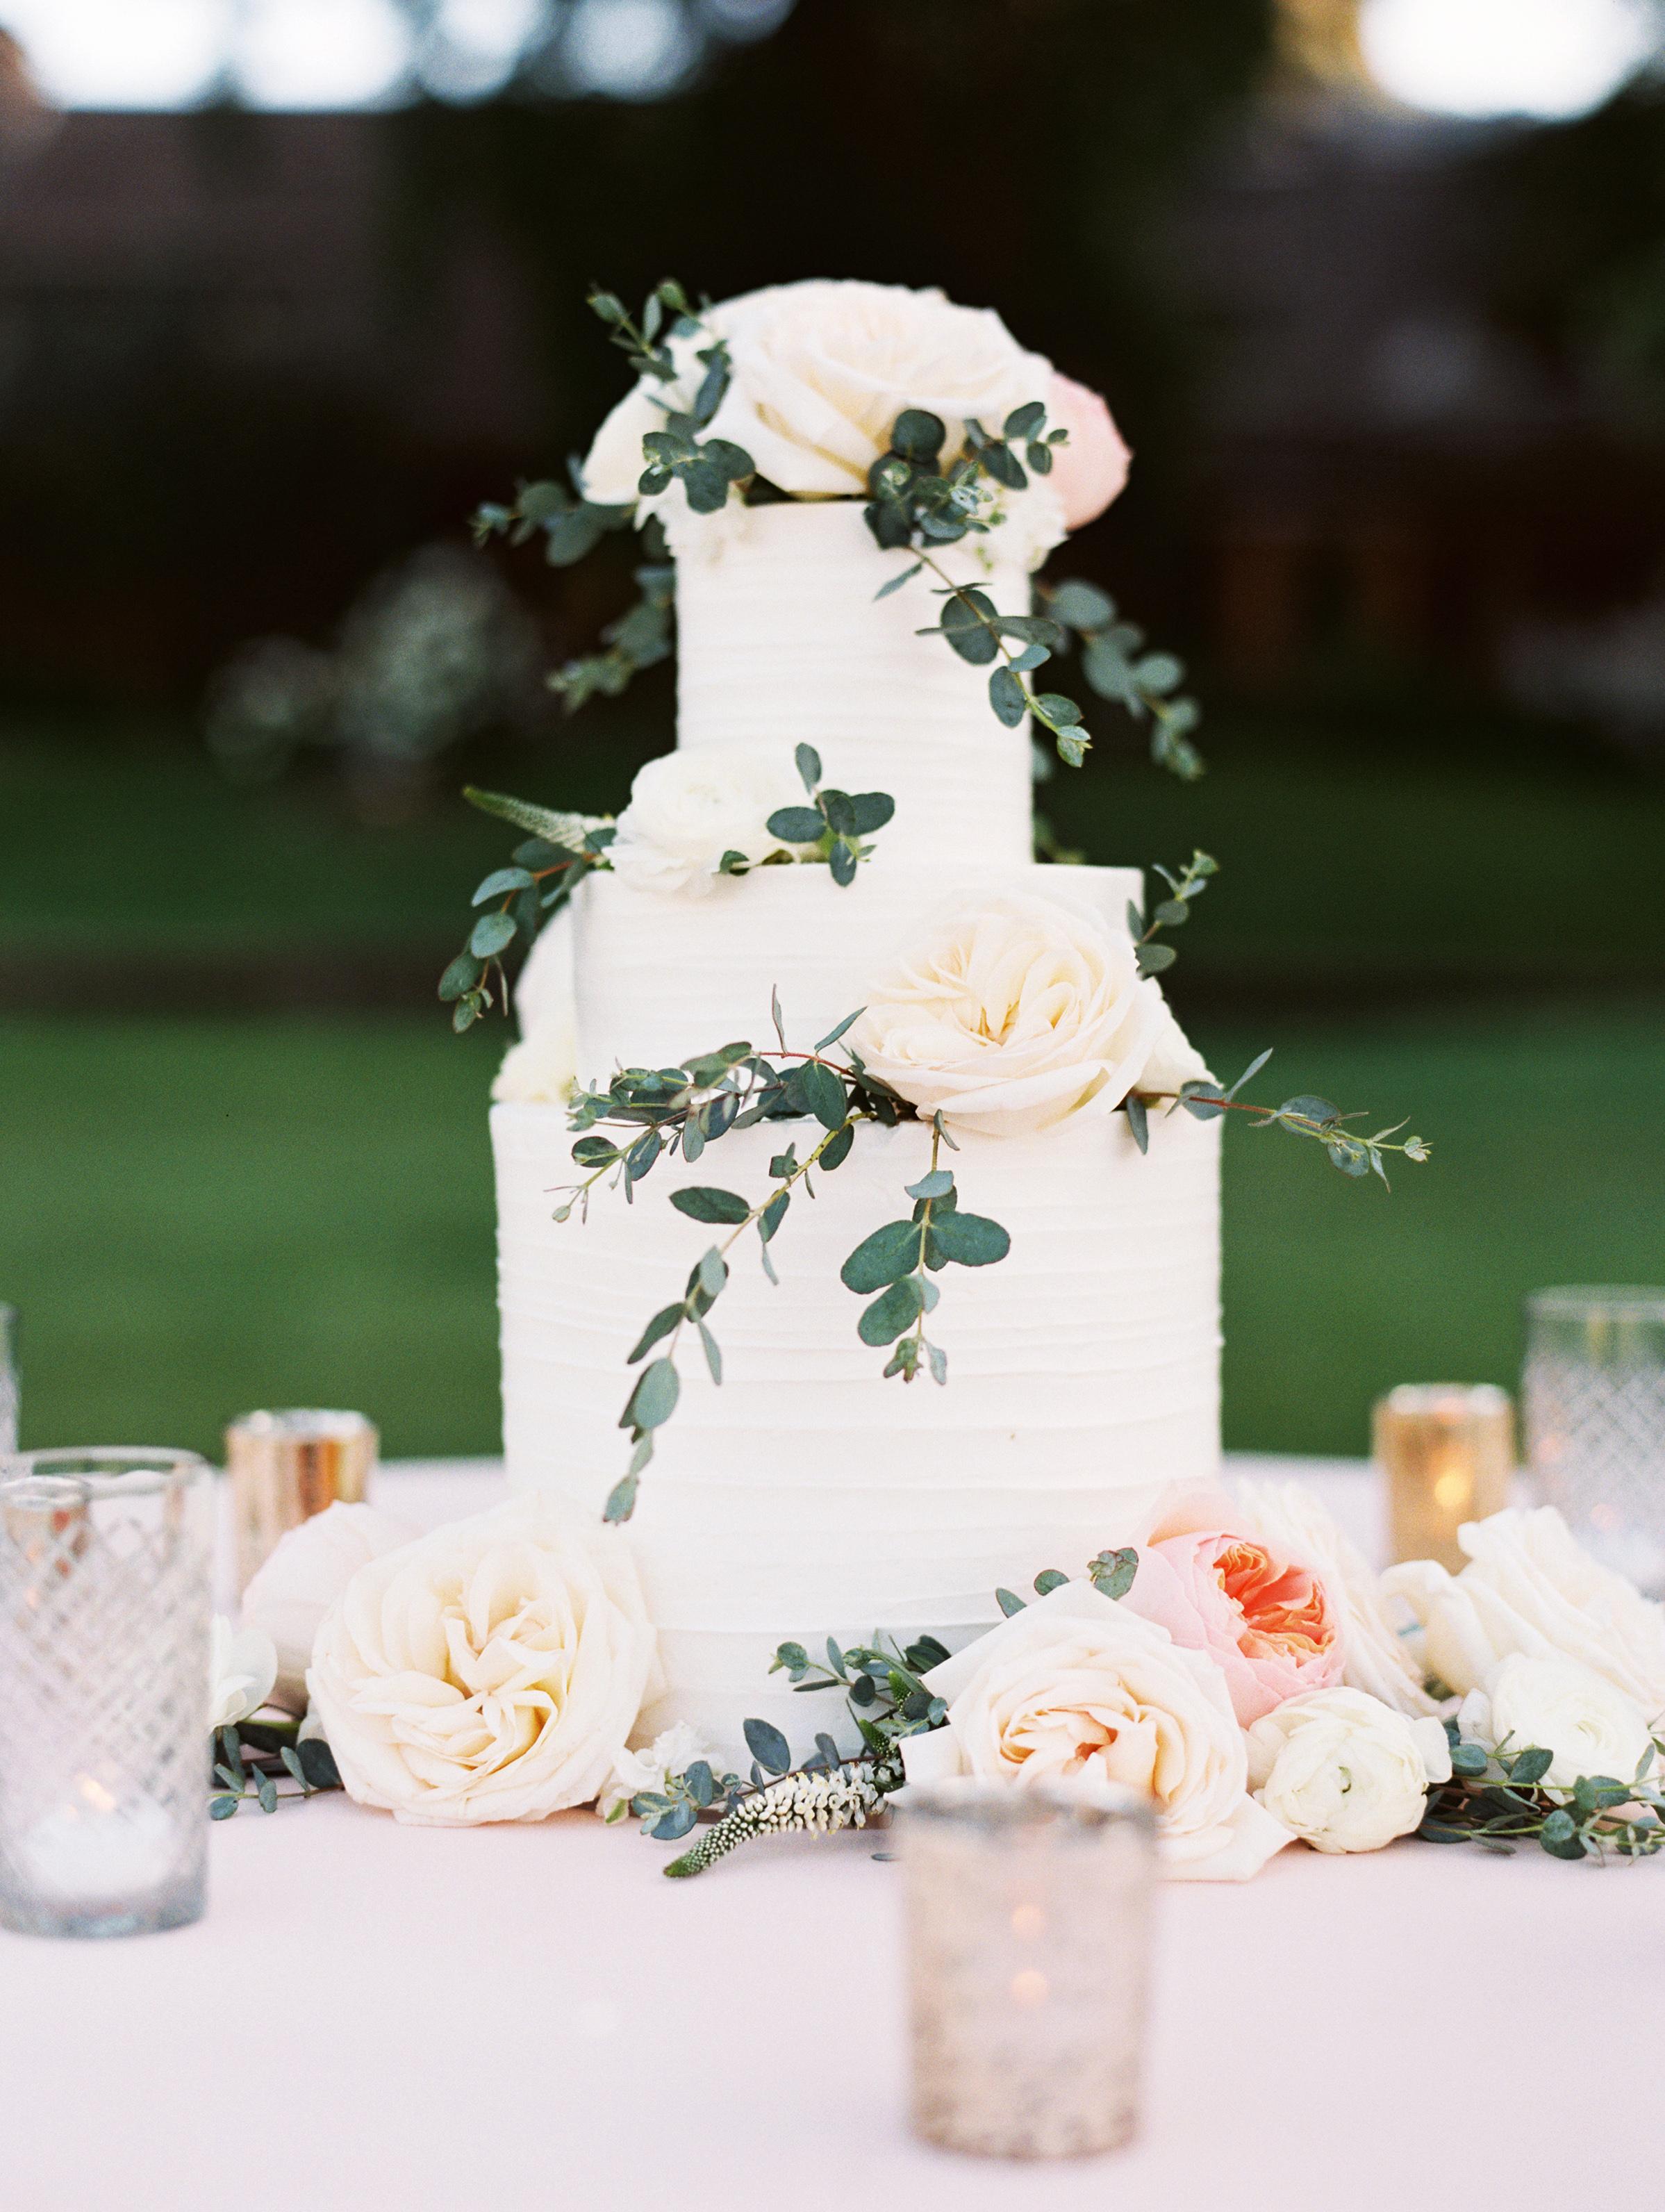 floral wedding cakes esther sun outdoor garden rose